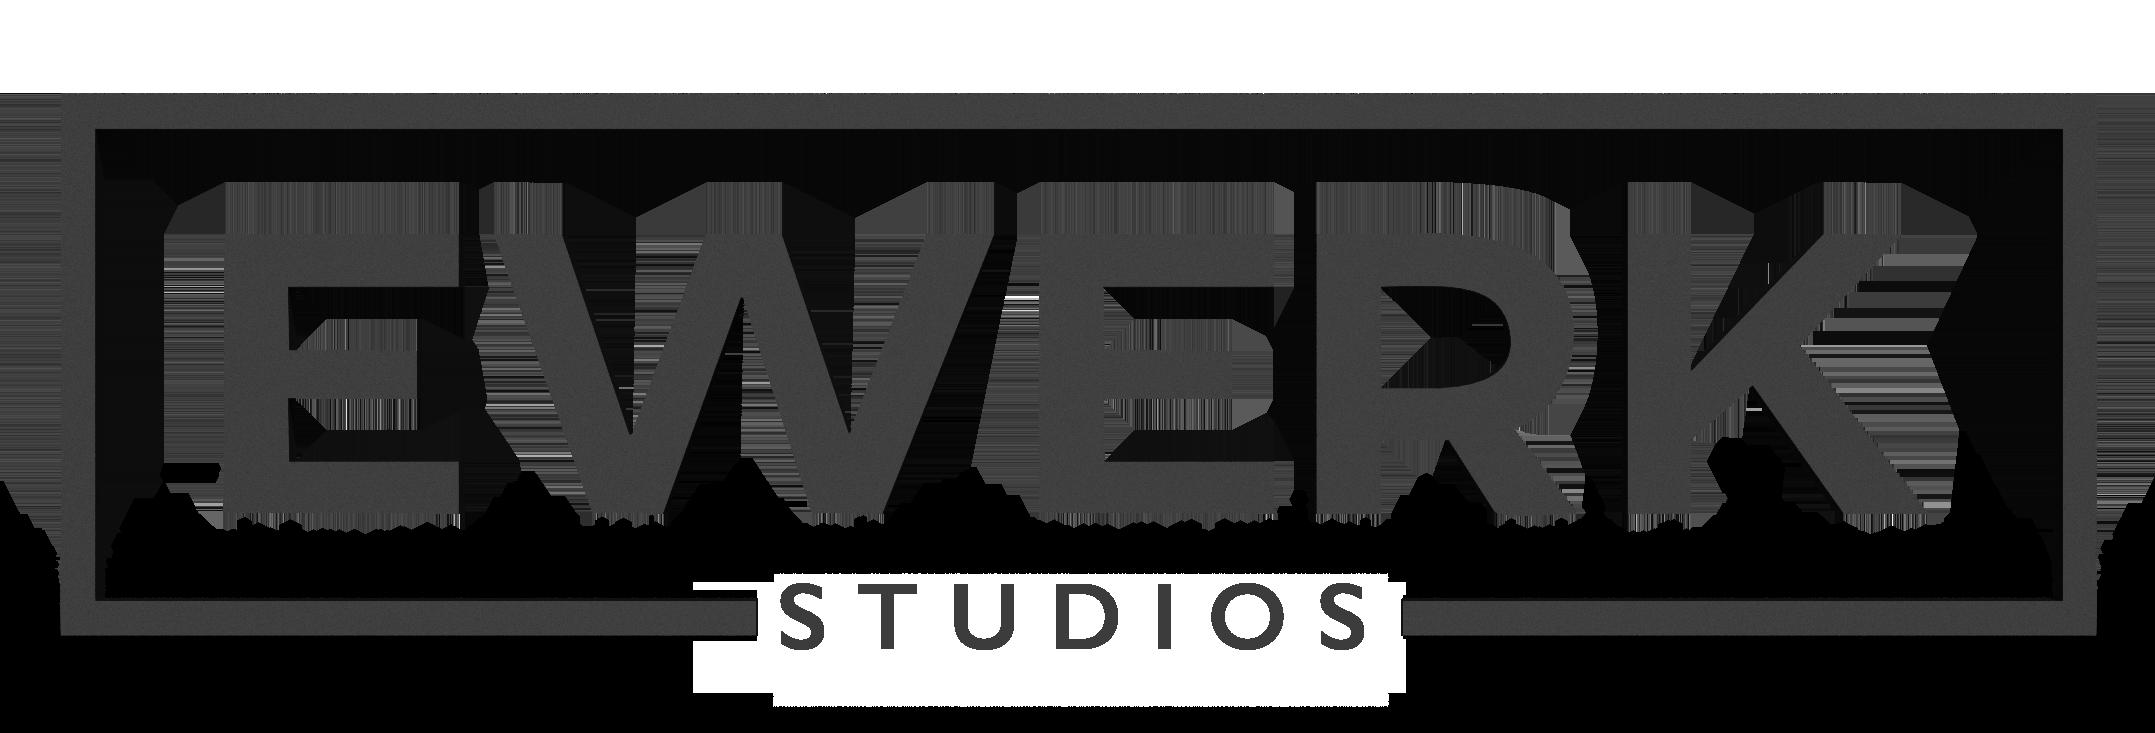 EWERK STUDIOS